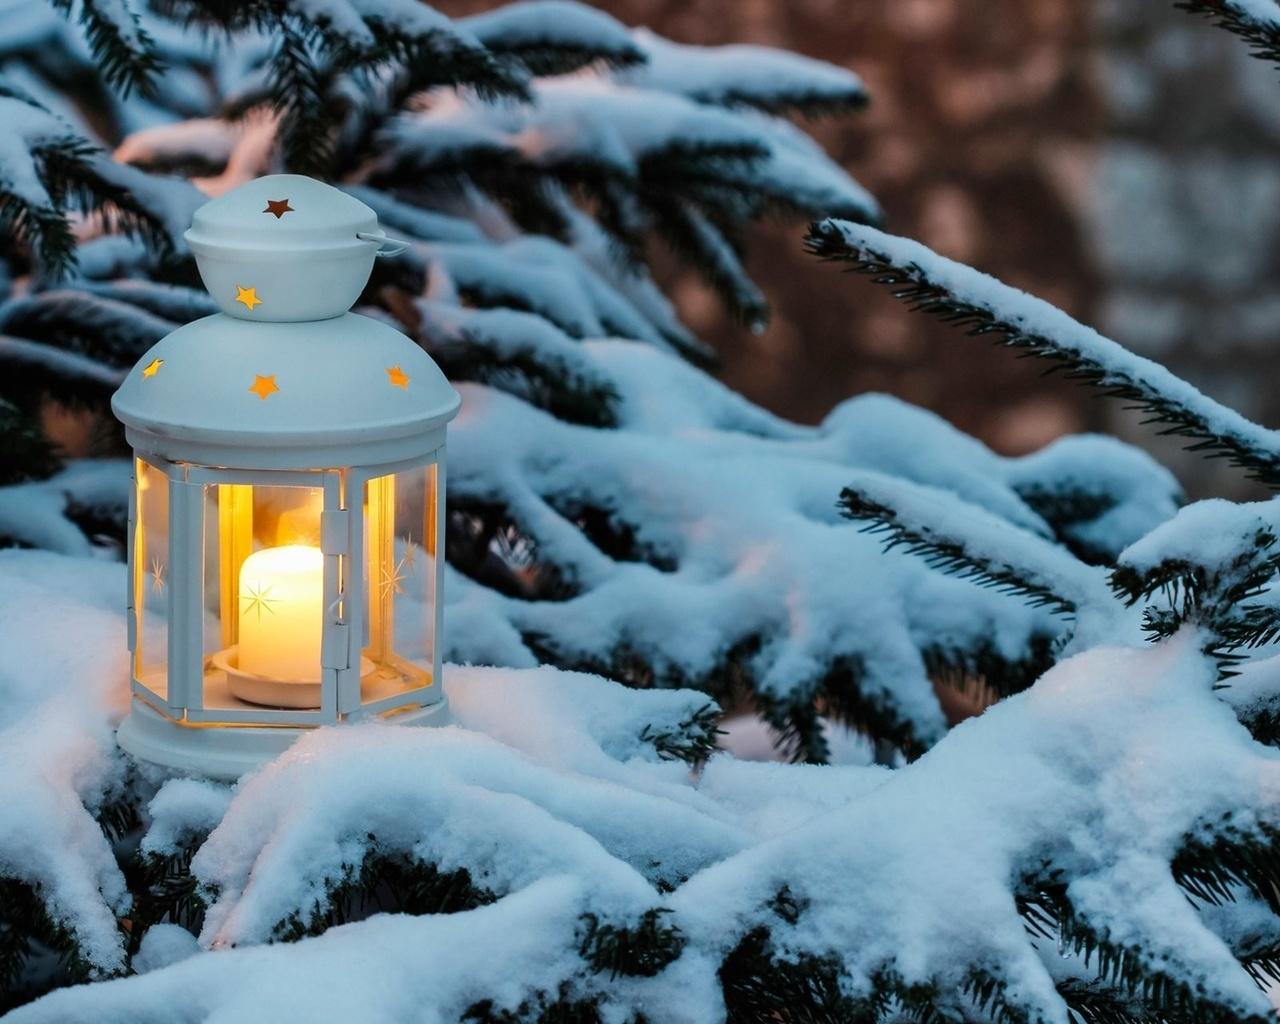 снег на фонарях картинки уже отправили пожелания